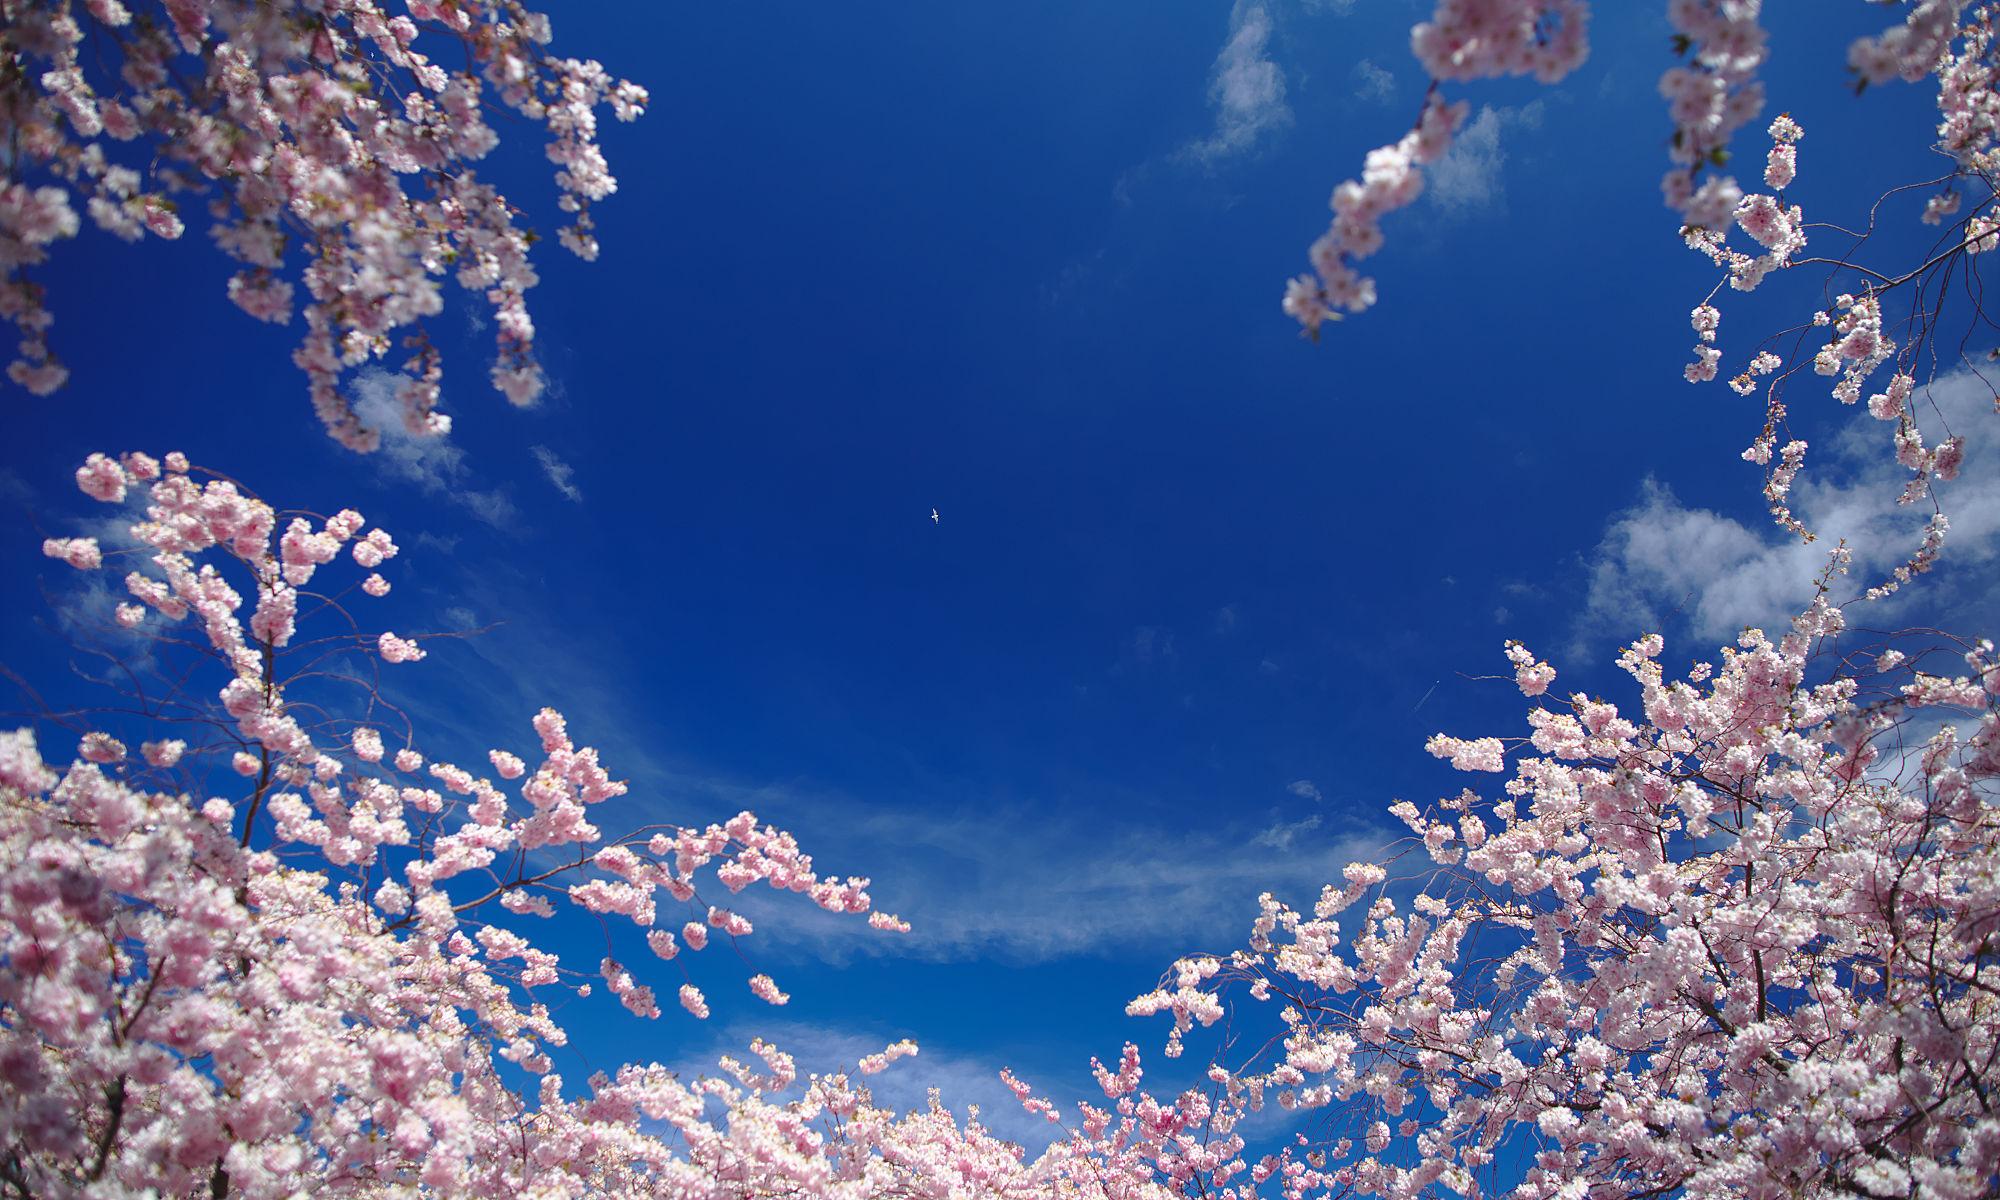 Körsbärsblomning med fågel i skyn